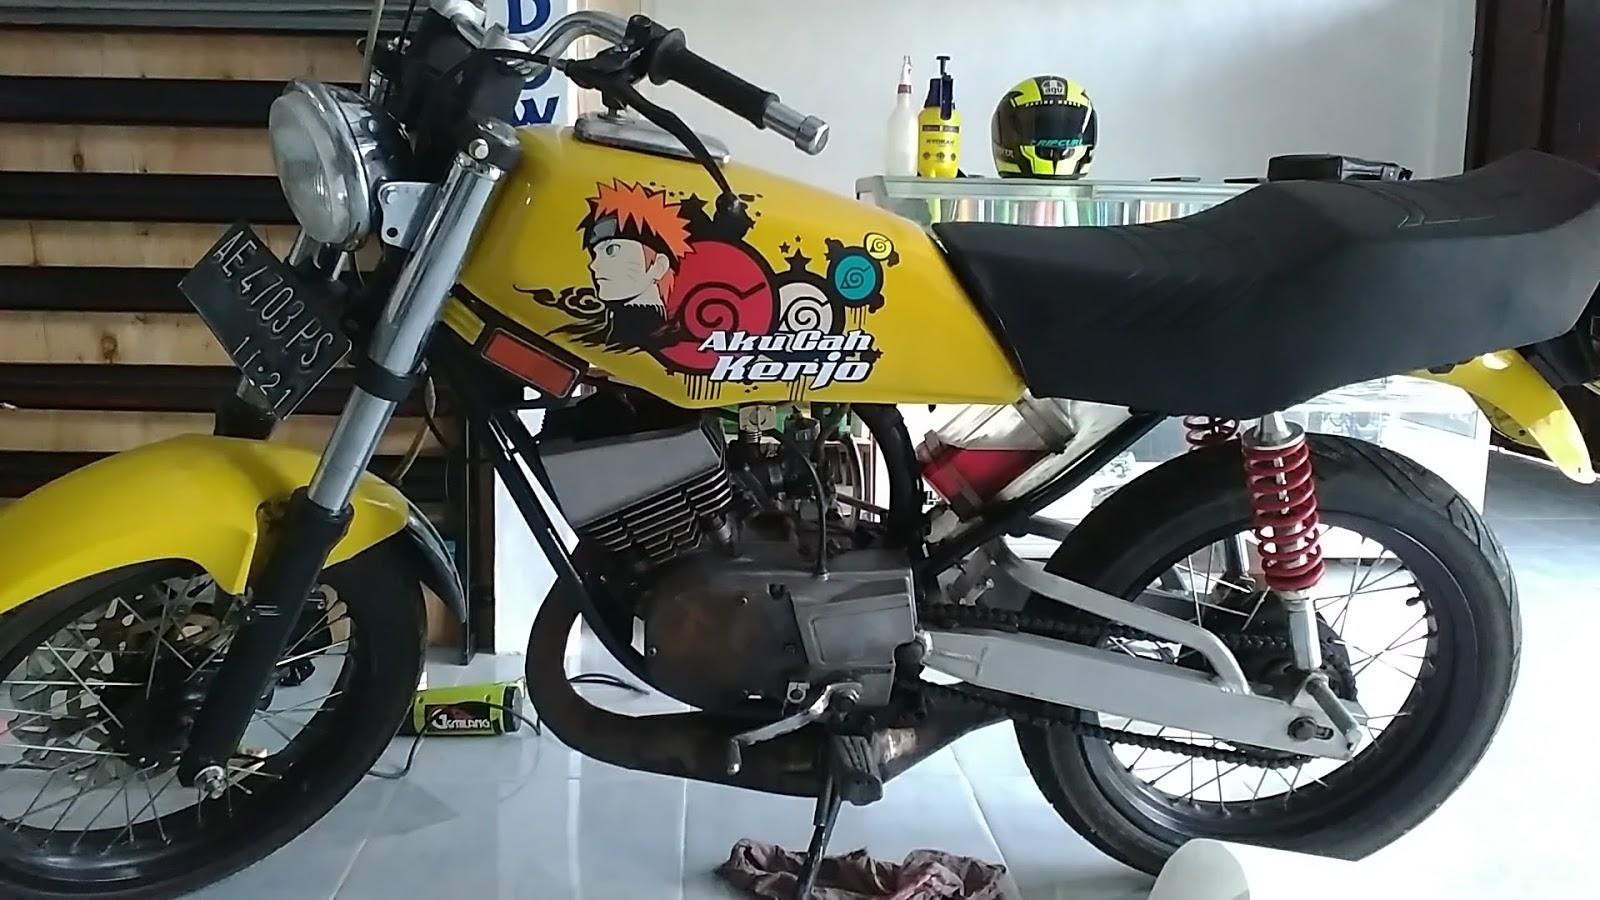 Garasi Sticker Cutting Sticker Rx King Naruto Aku Cah Kerjo